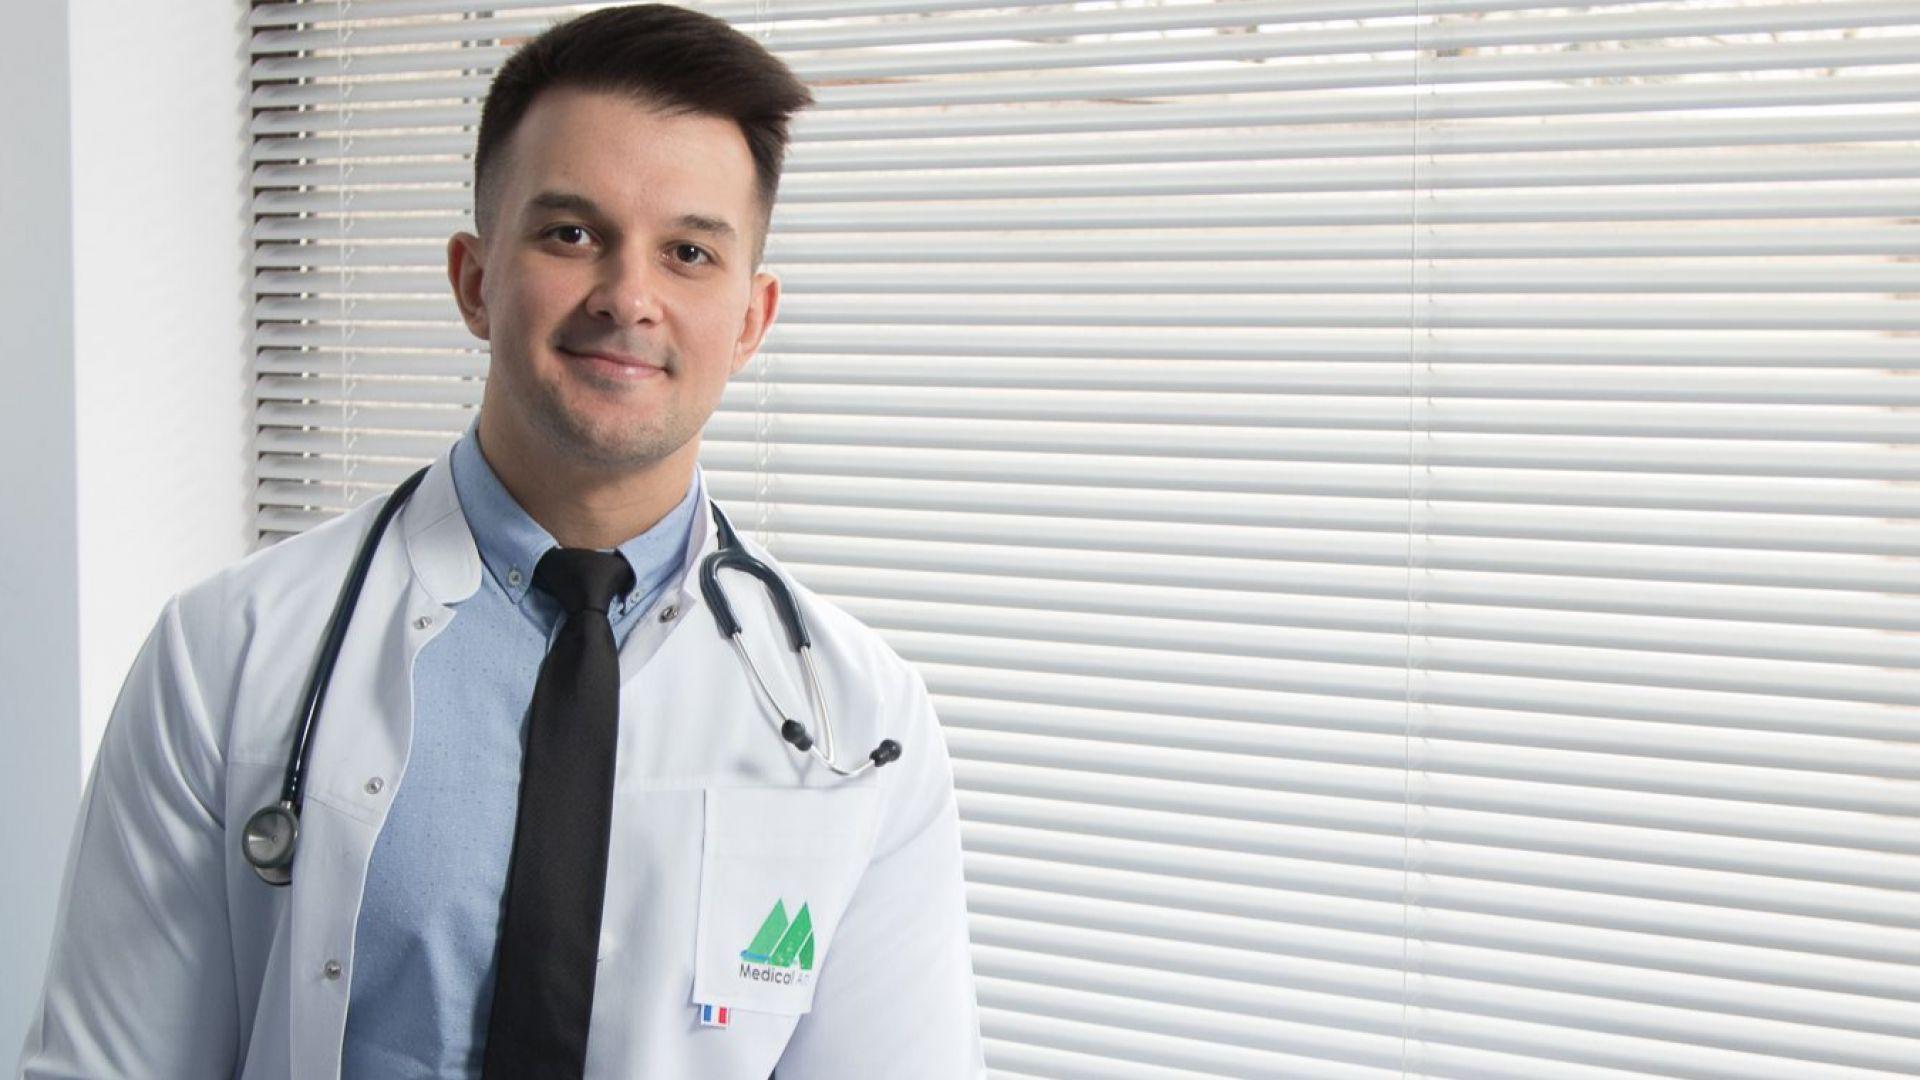 Д-р Явор Асьов: В лекарската професия идеализмът е задължителен